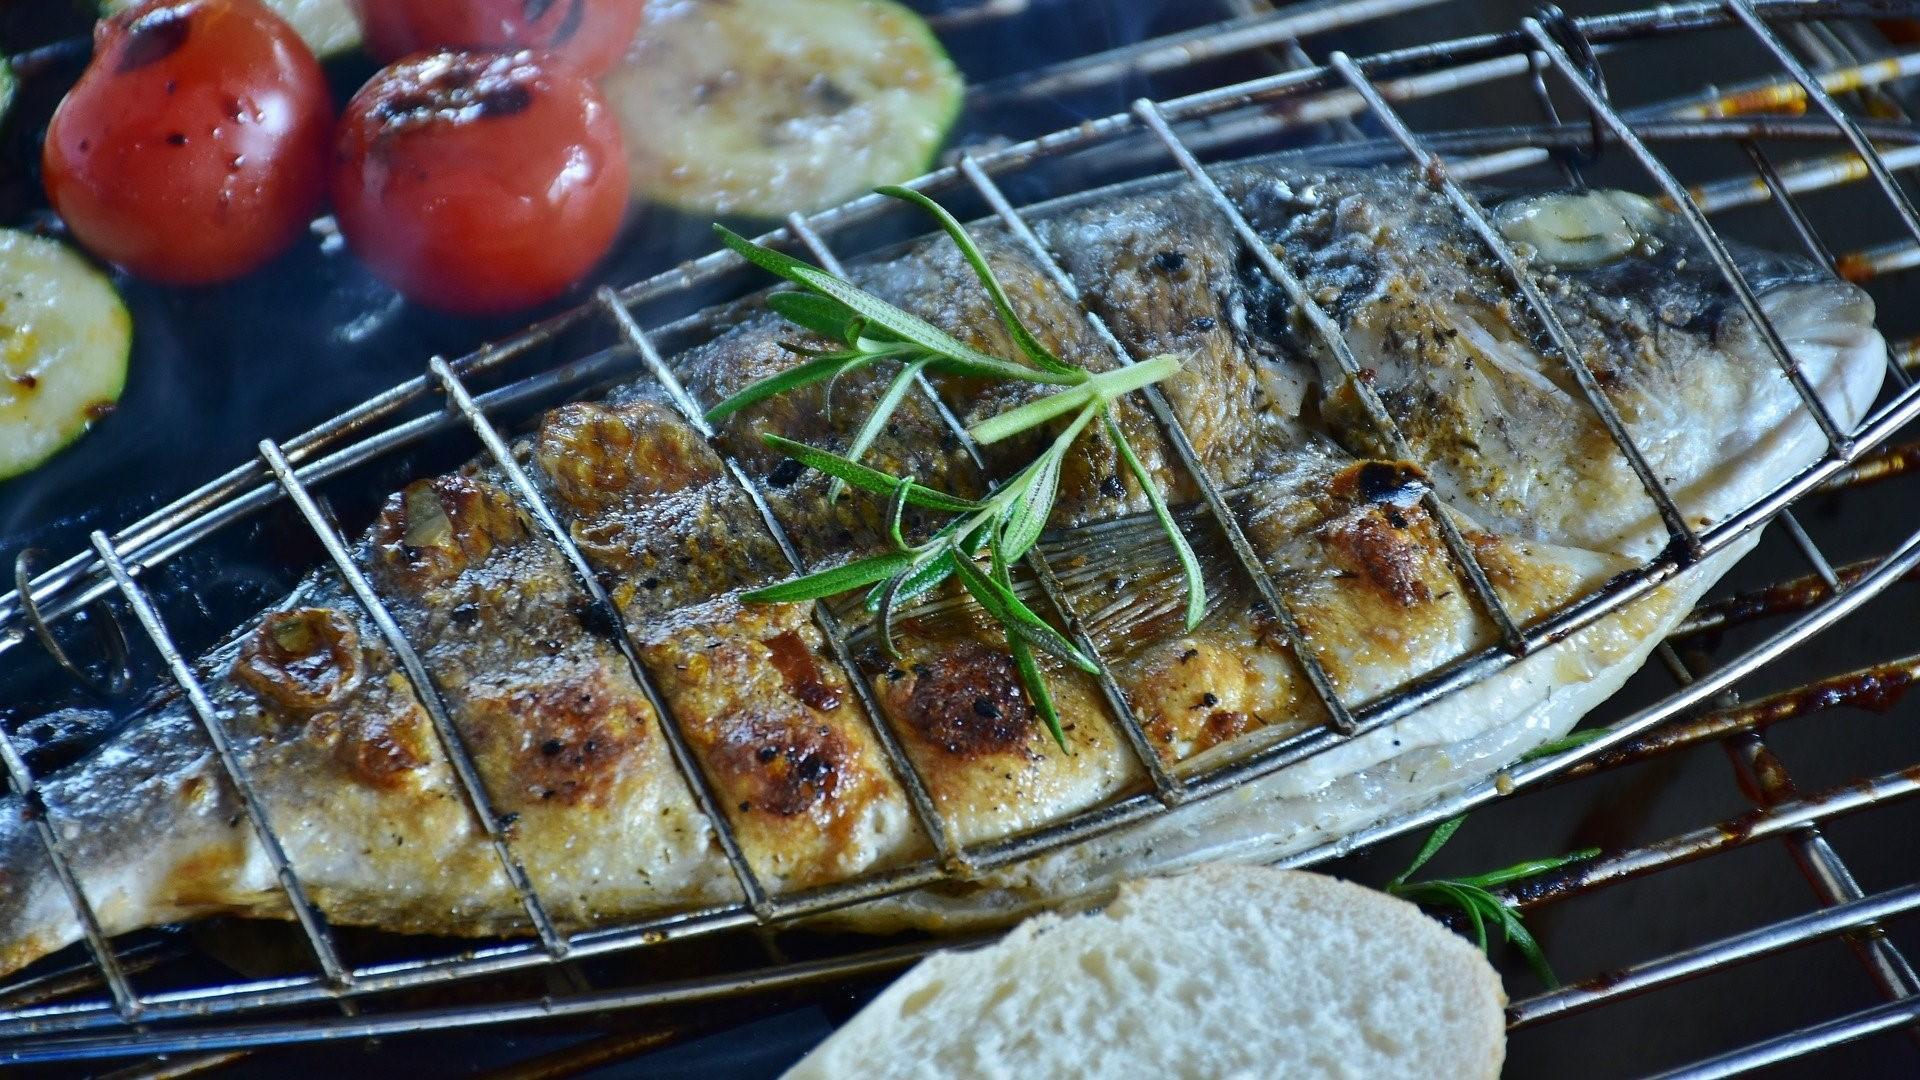 Fisch grillen - gute Tipps, Tricks und Hinweise für den Fisch auf dem Grill